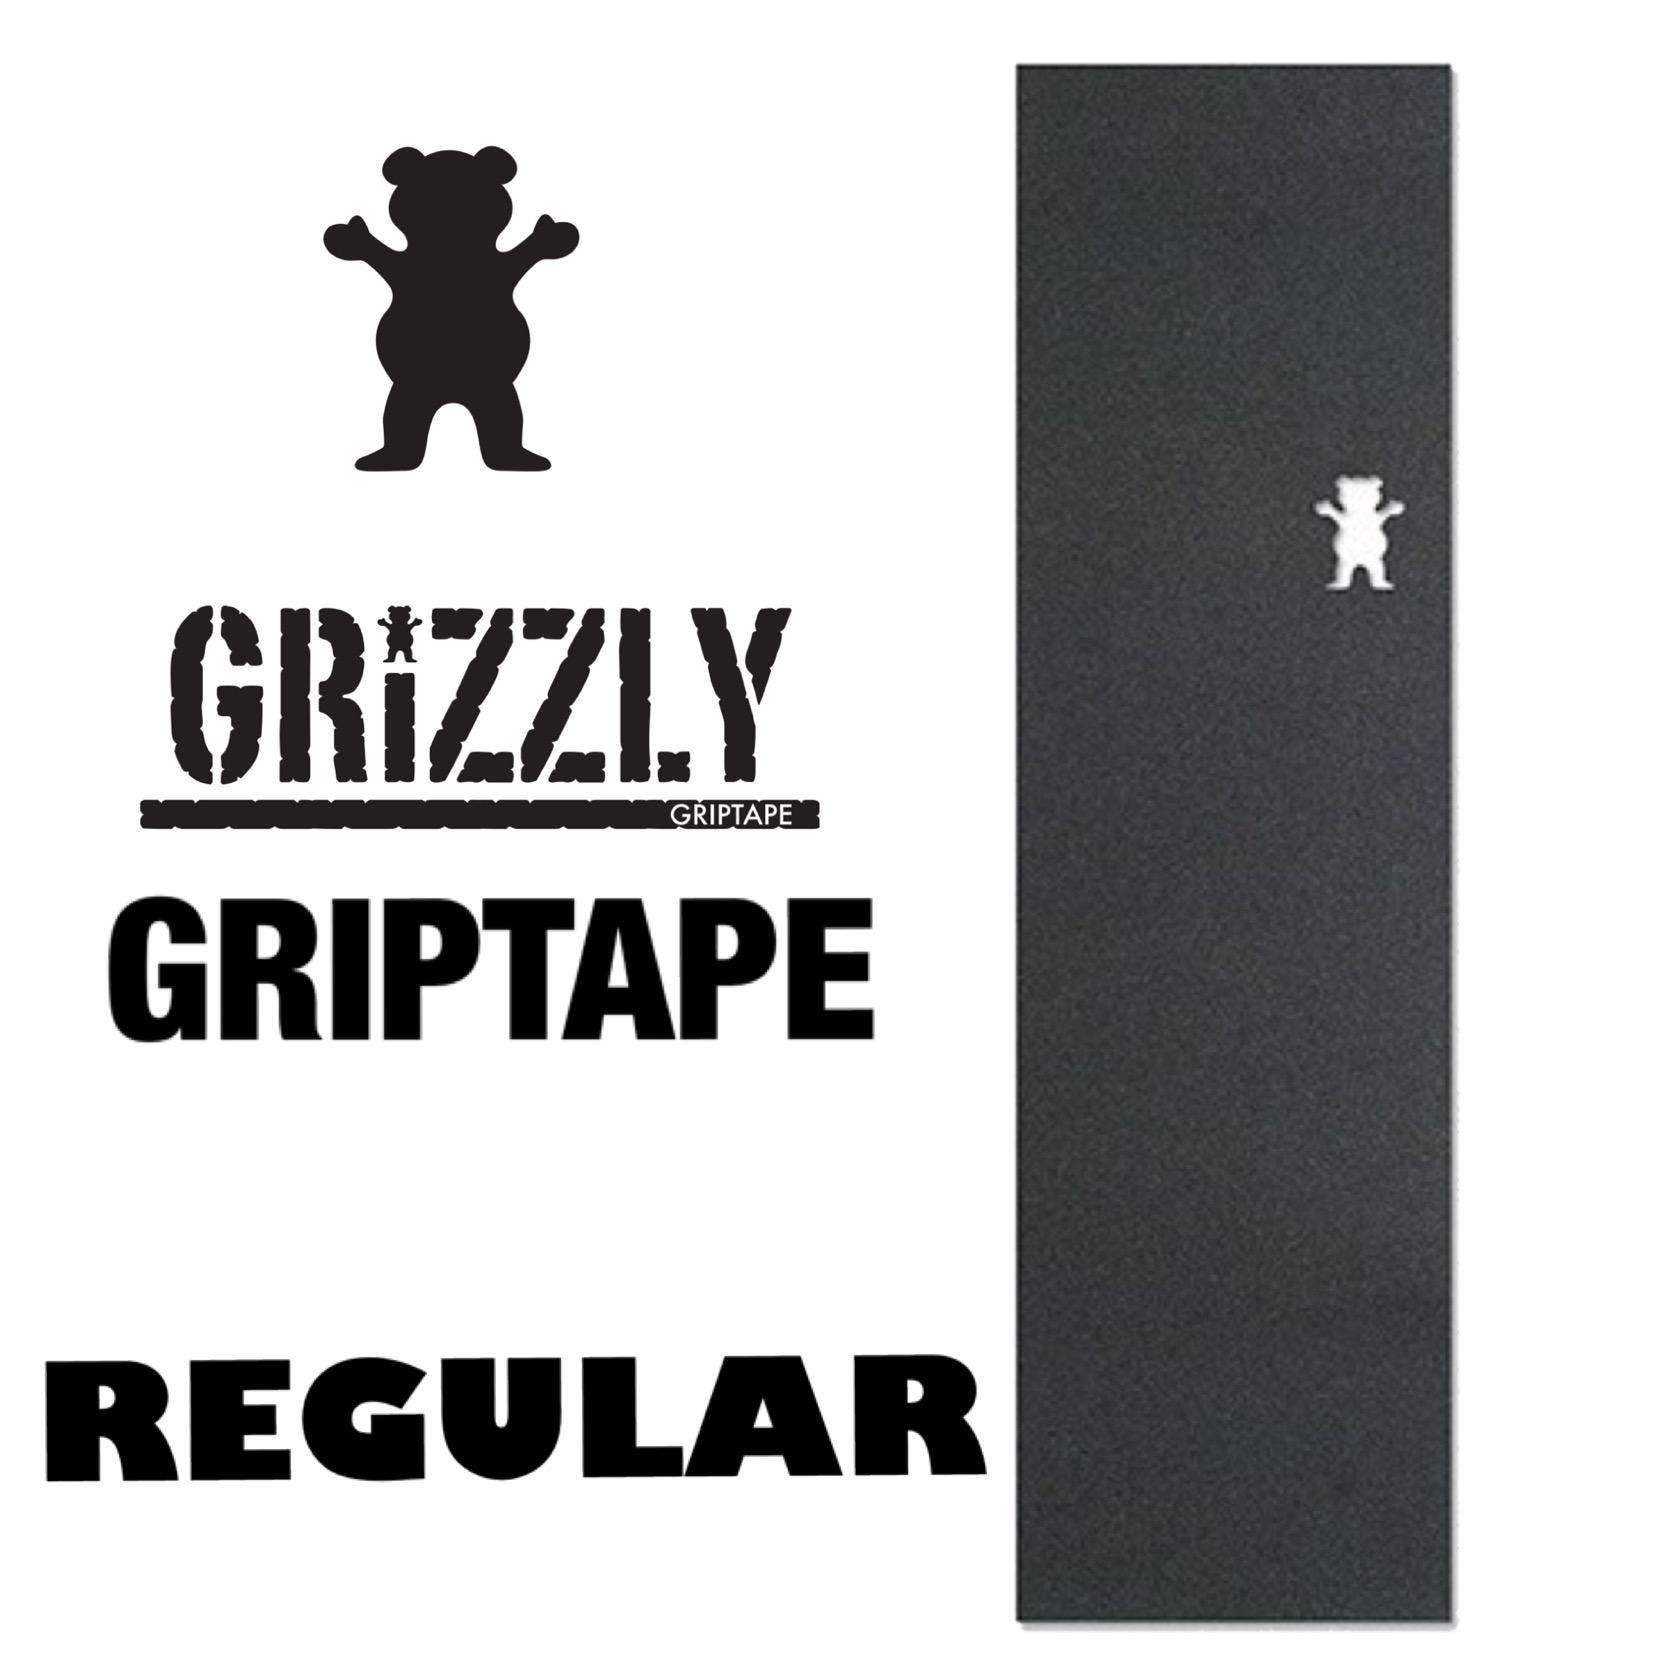 国内正規代理店 BlaZe ブレイズ GRIZZLY BEAR CUTOUT GRIPTAPE REGULAR 店内限界値引き中 セルフラッピング無料 グリズリー レギュラー おしゃれ スケートボード用滑り止め デッキテープ ストリート グリップテープ スケボー 売店 ベアカットアウト かっこいい